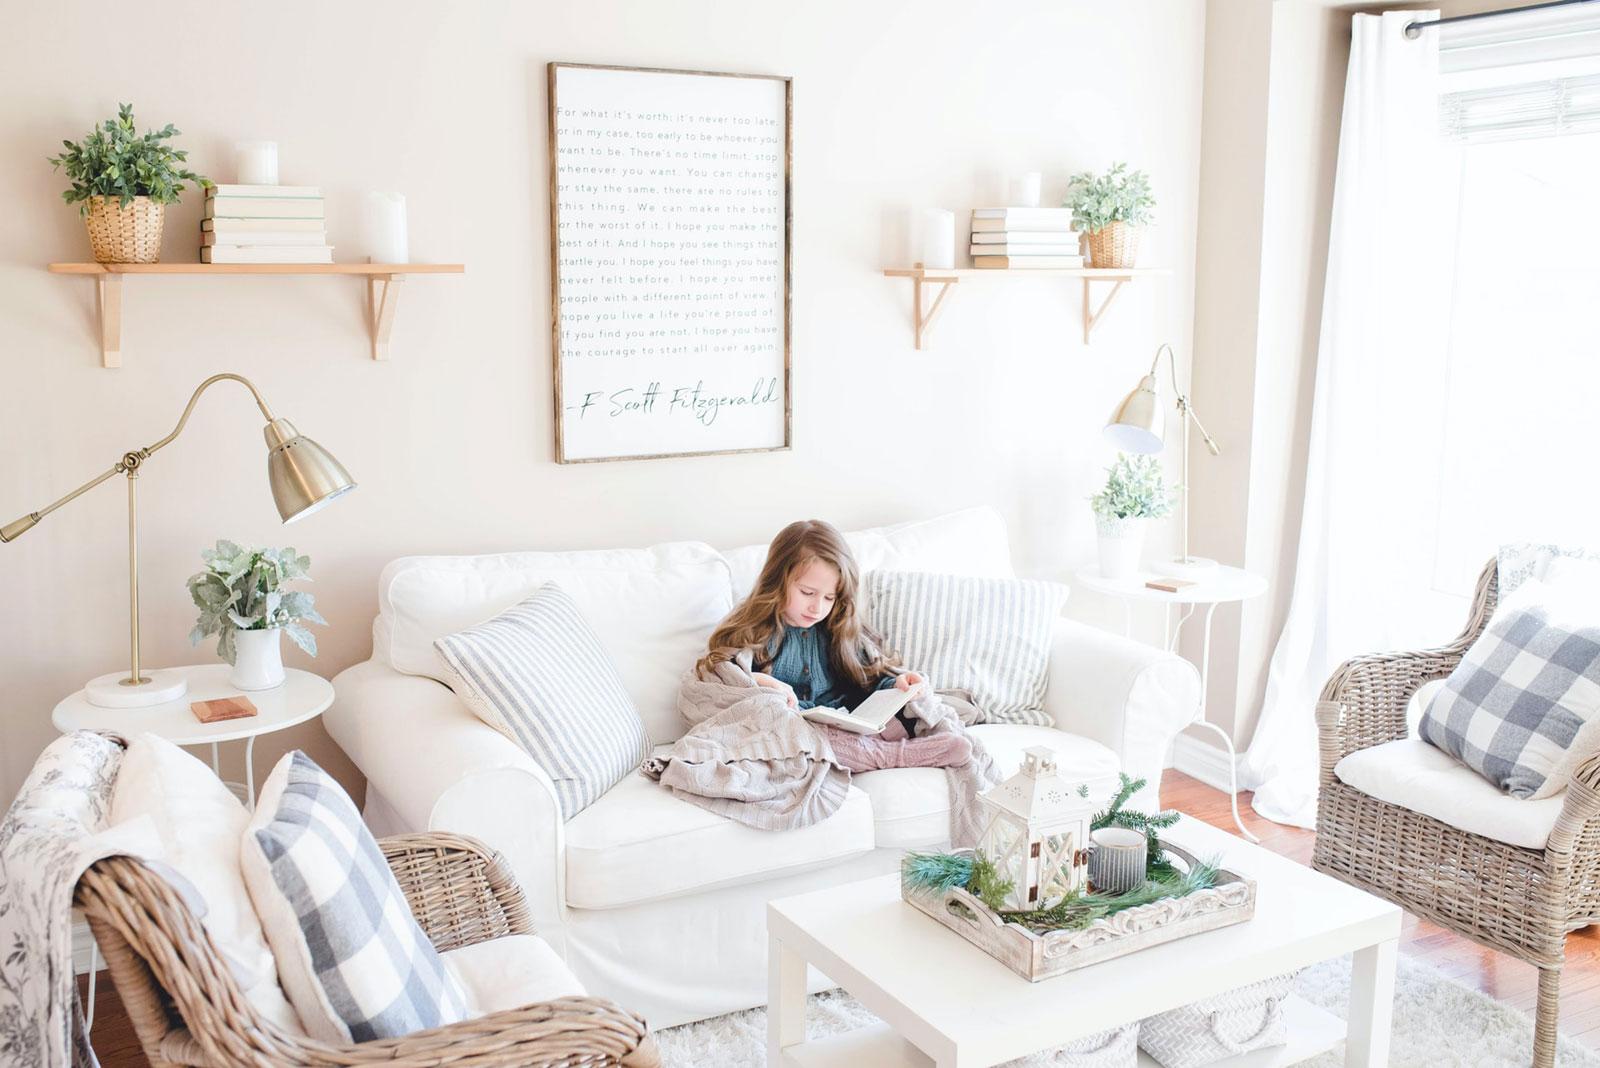 Criança a ler um livro, no sofá de uma sala muito iluminada através da janela.